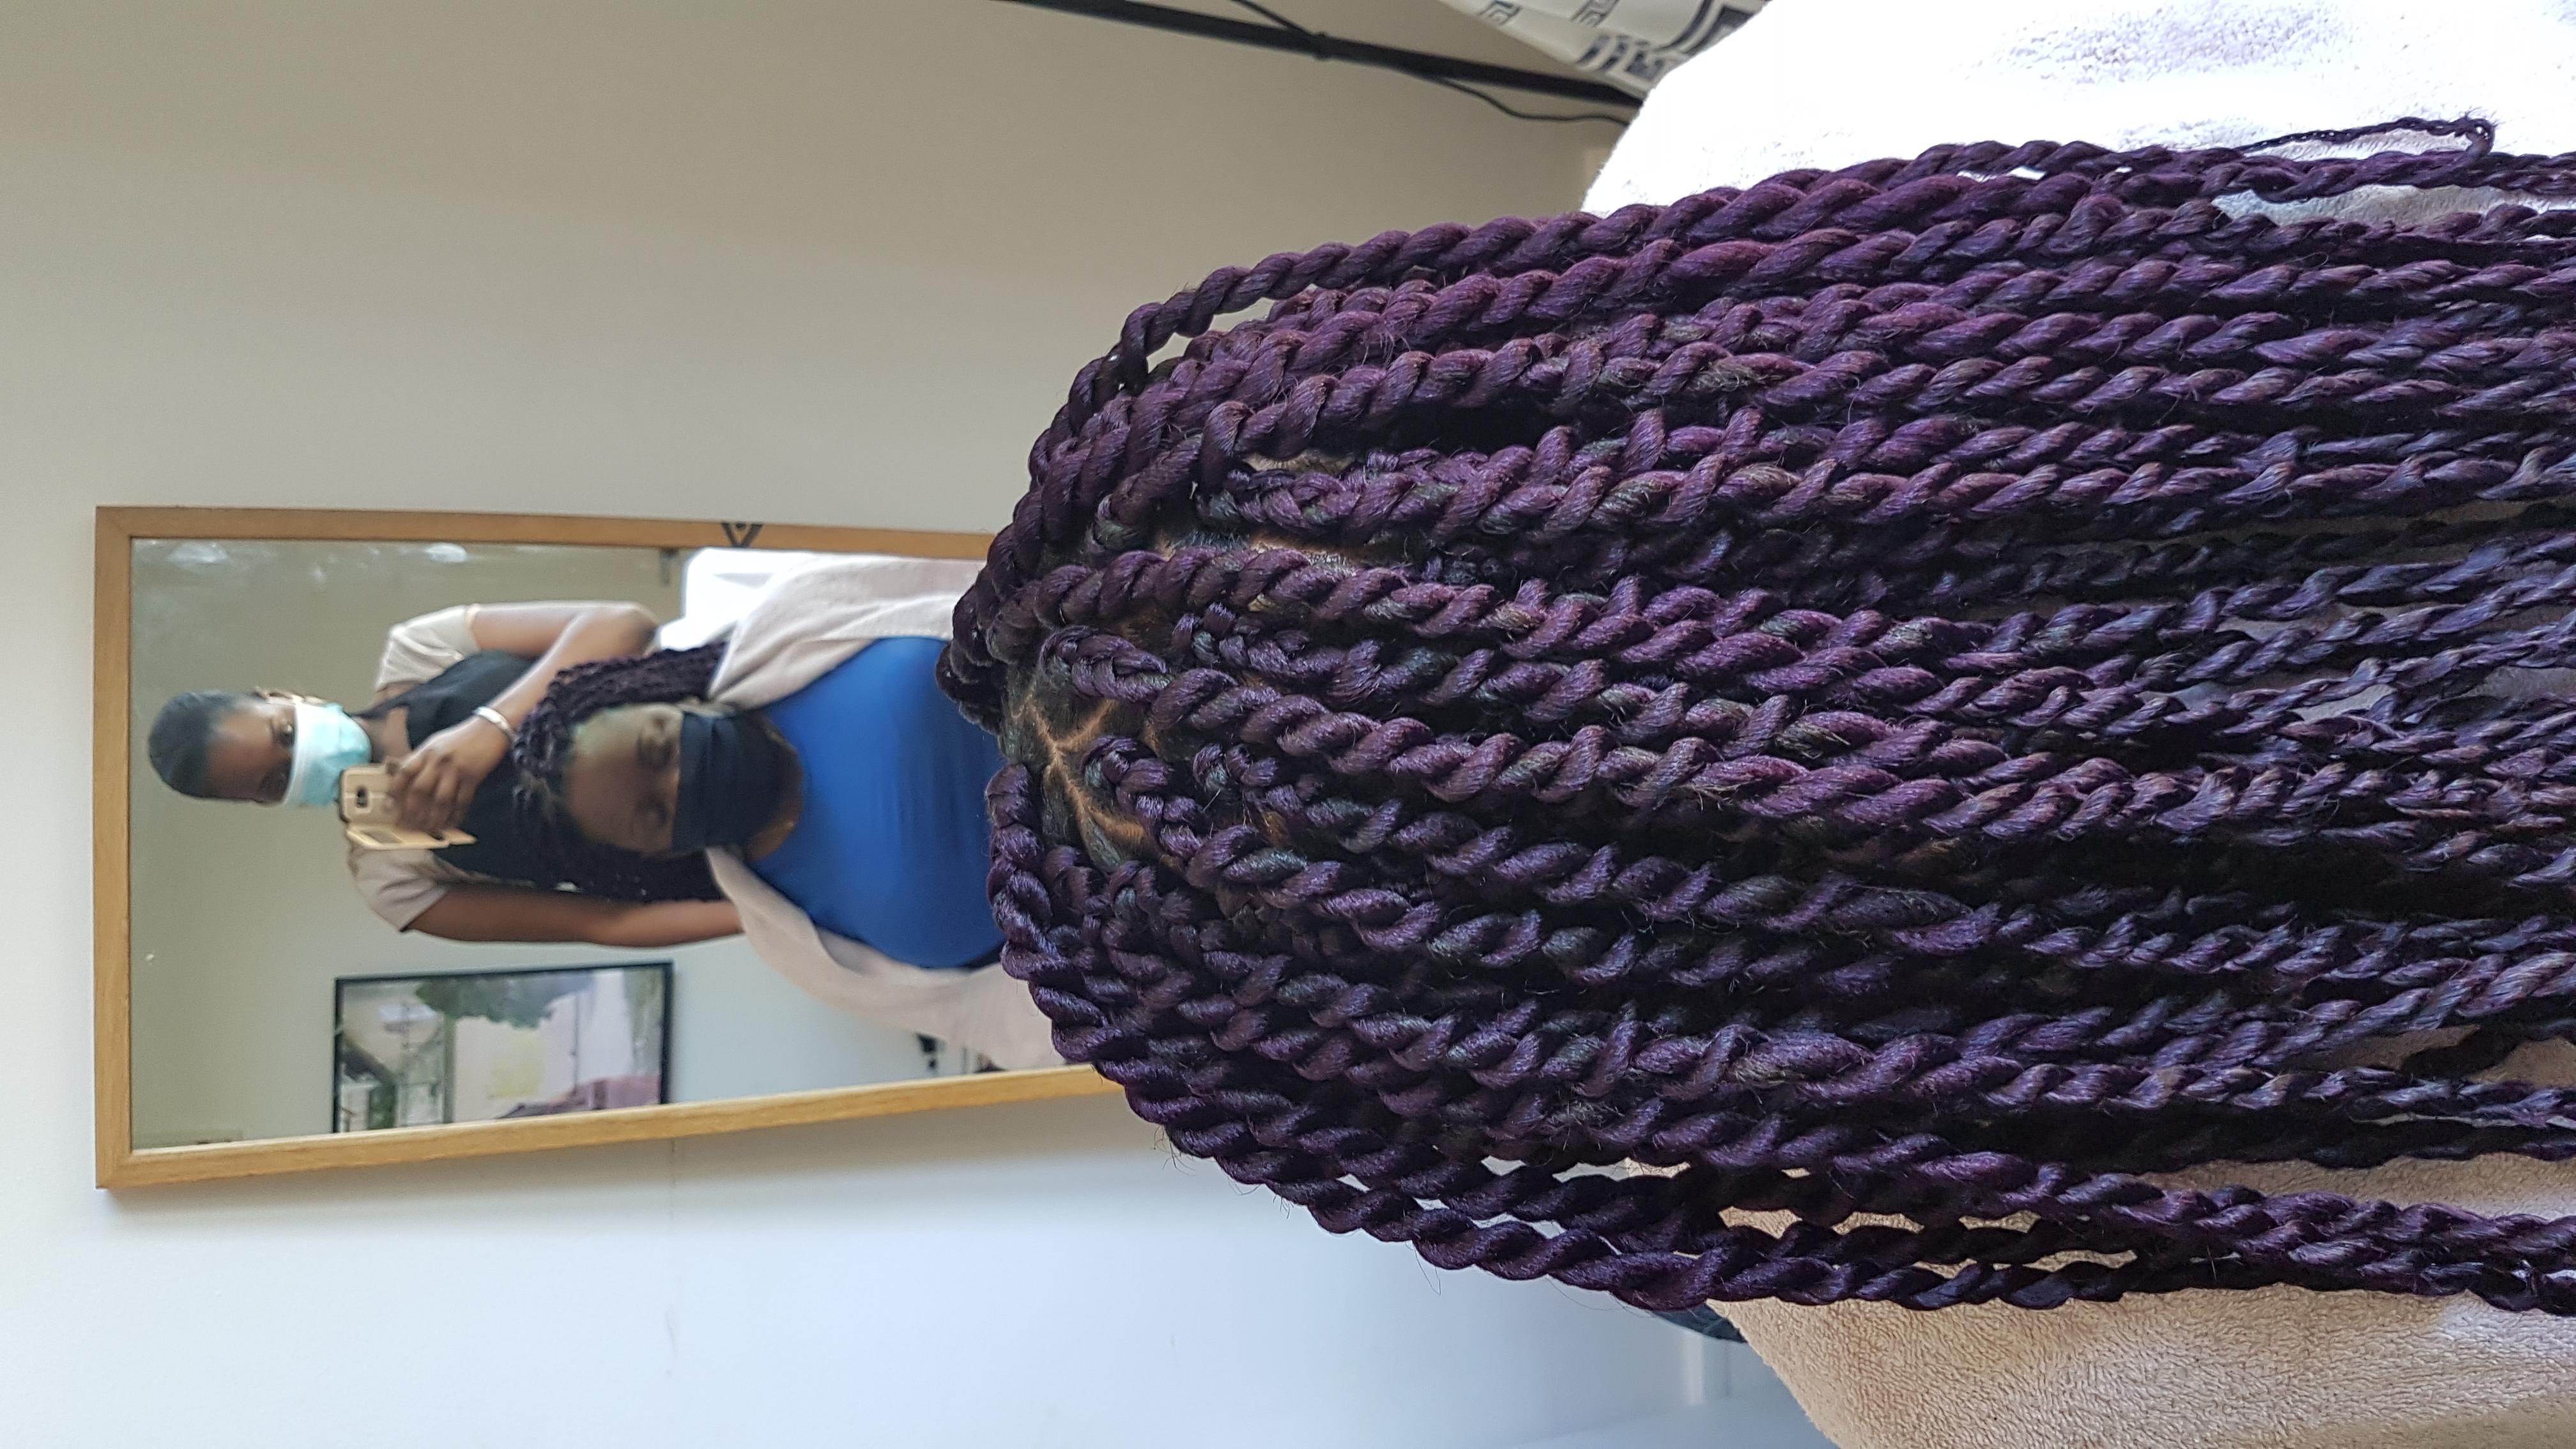 salon de coiffure afro tresse tresses box braids crochet braids vanilles tissages paris 75 77 78 91 92 93 94 95 ASUIAIUS